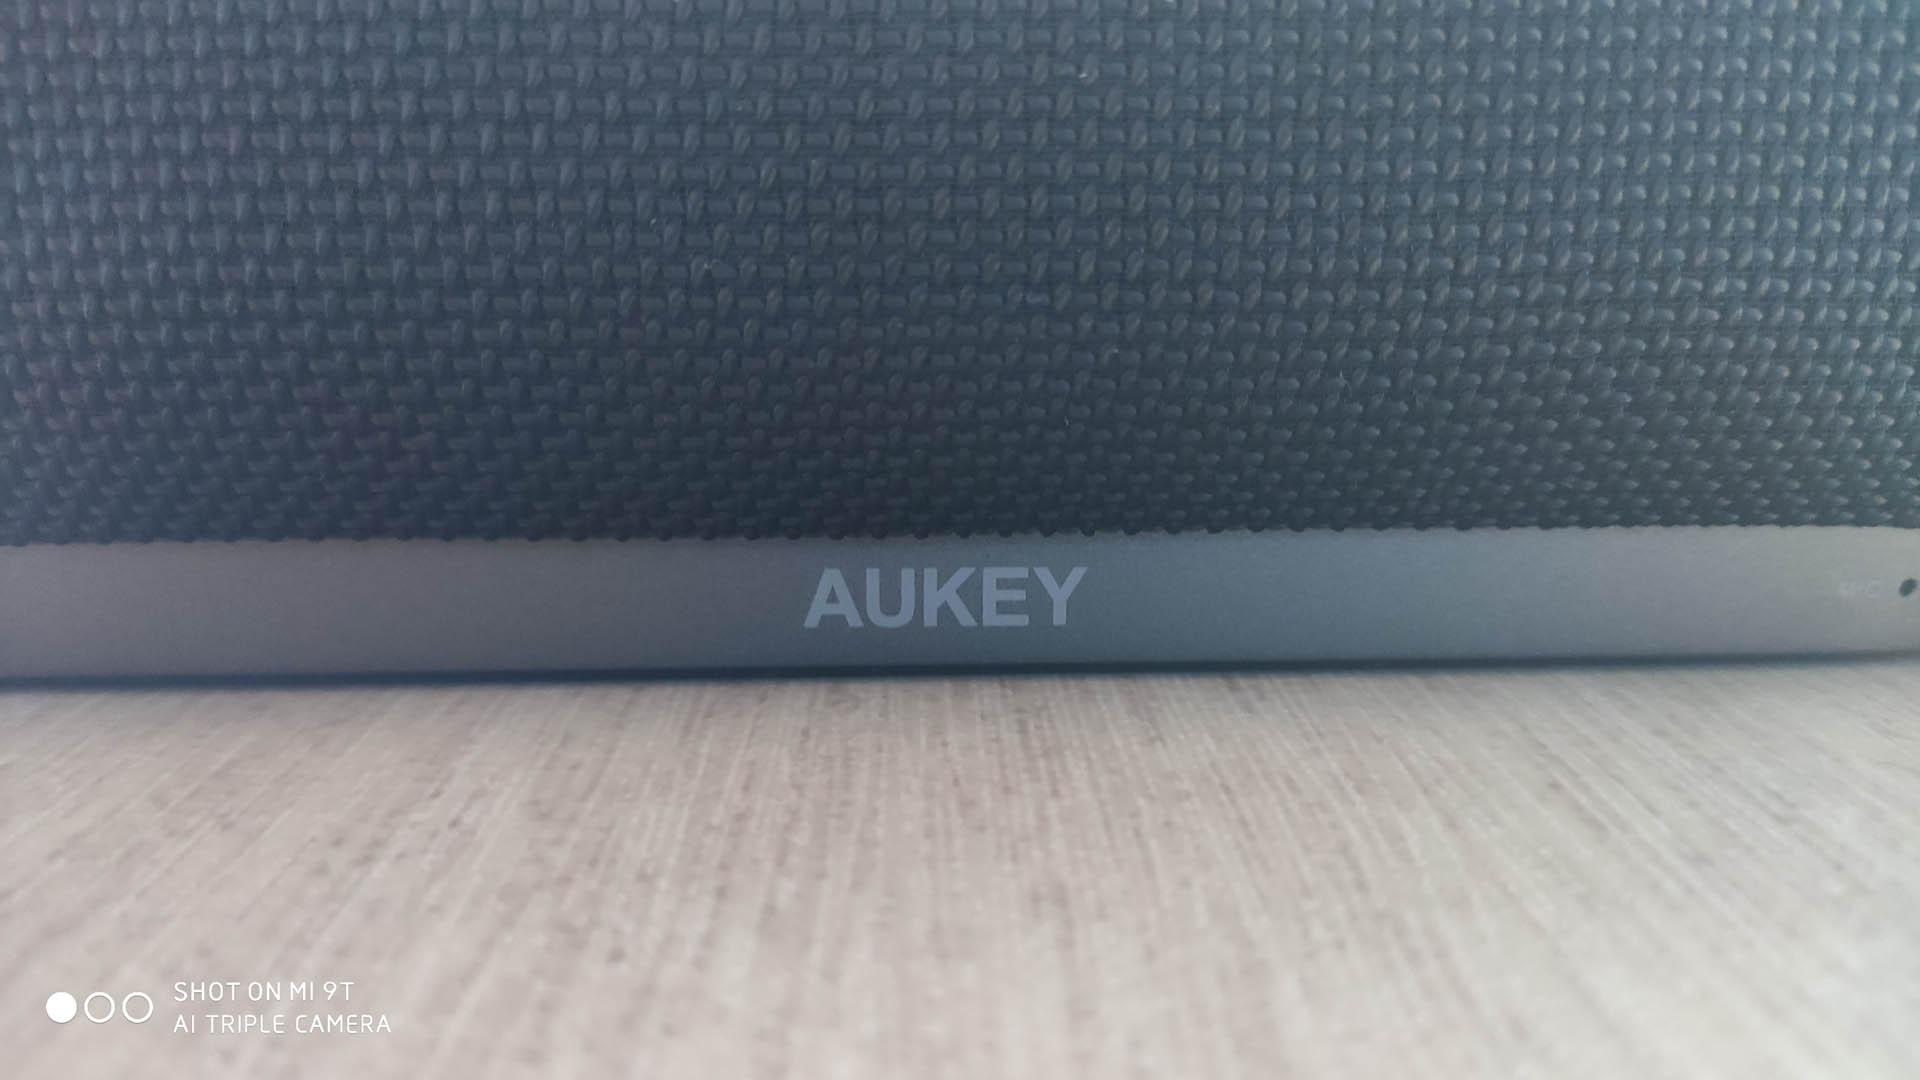 Recensione Aukey SK-M30: ottimi bassi e potenza da vendere 3